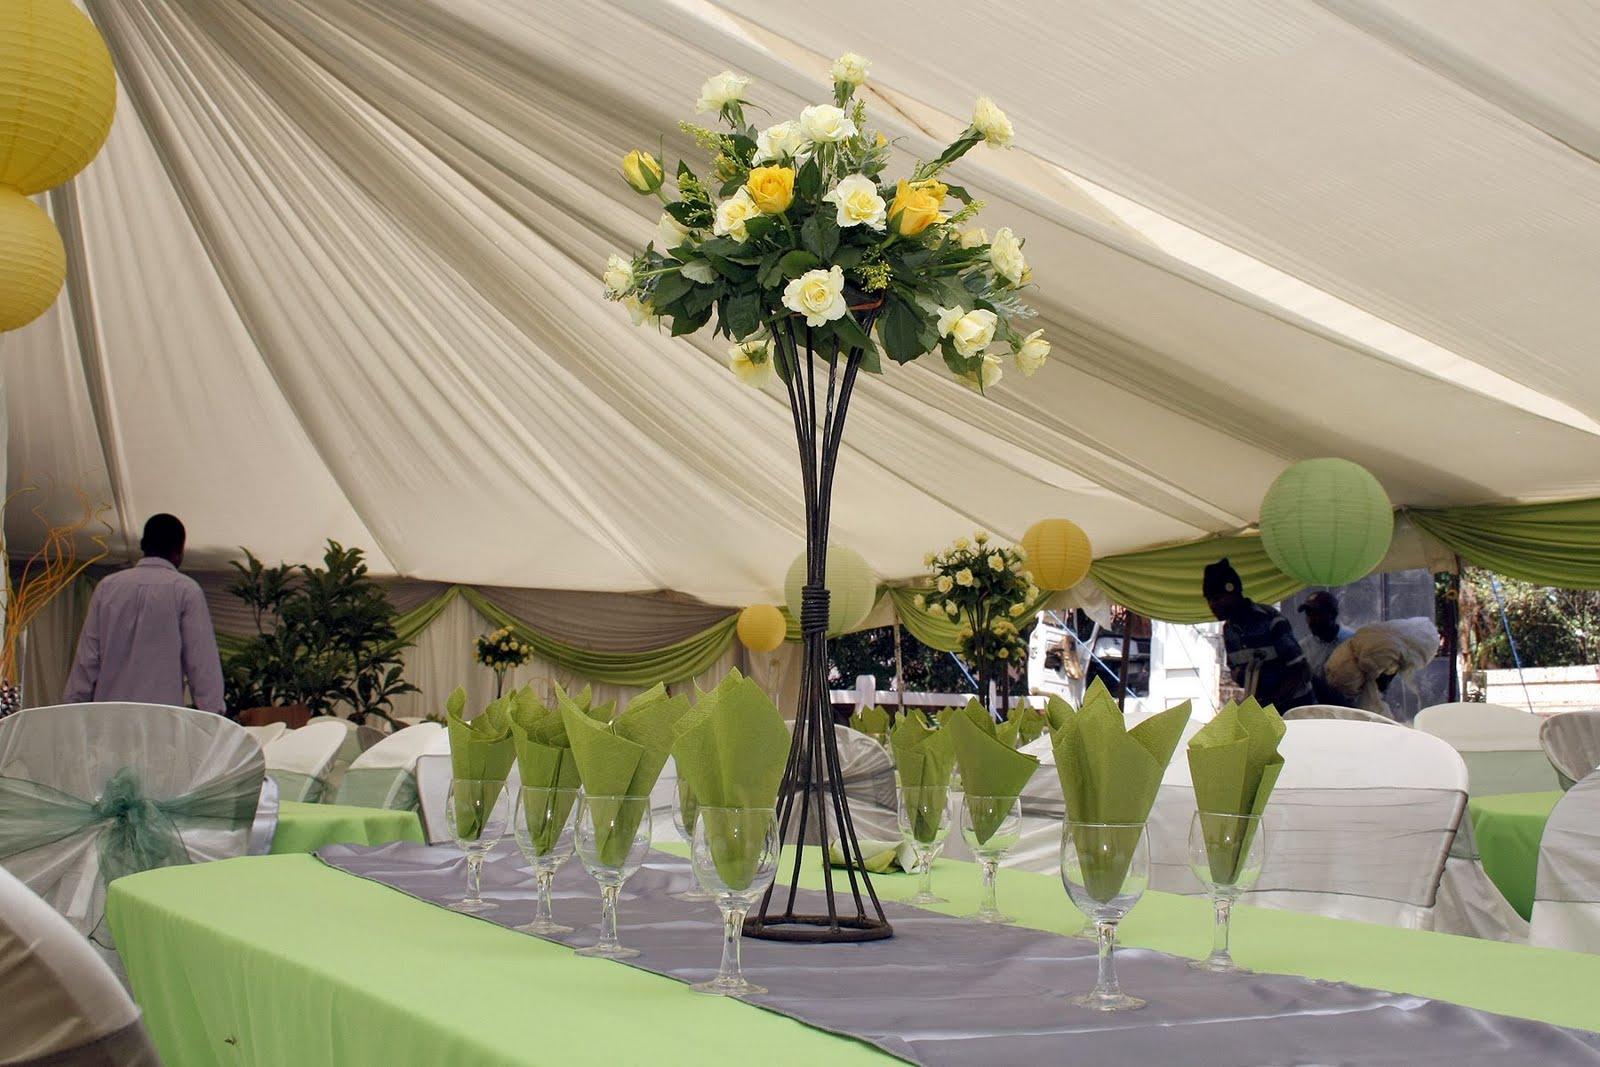 62 zim wedding venues   zimbabwe weddings on